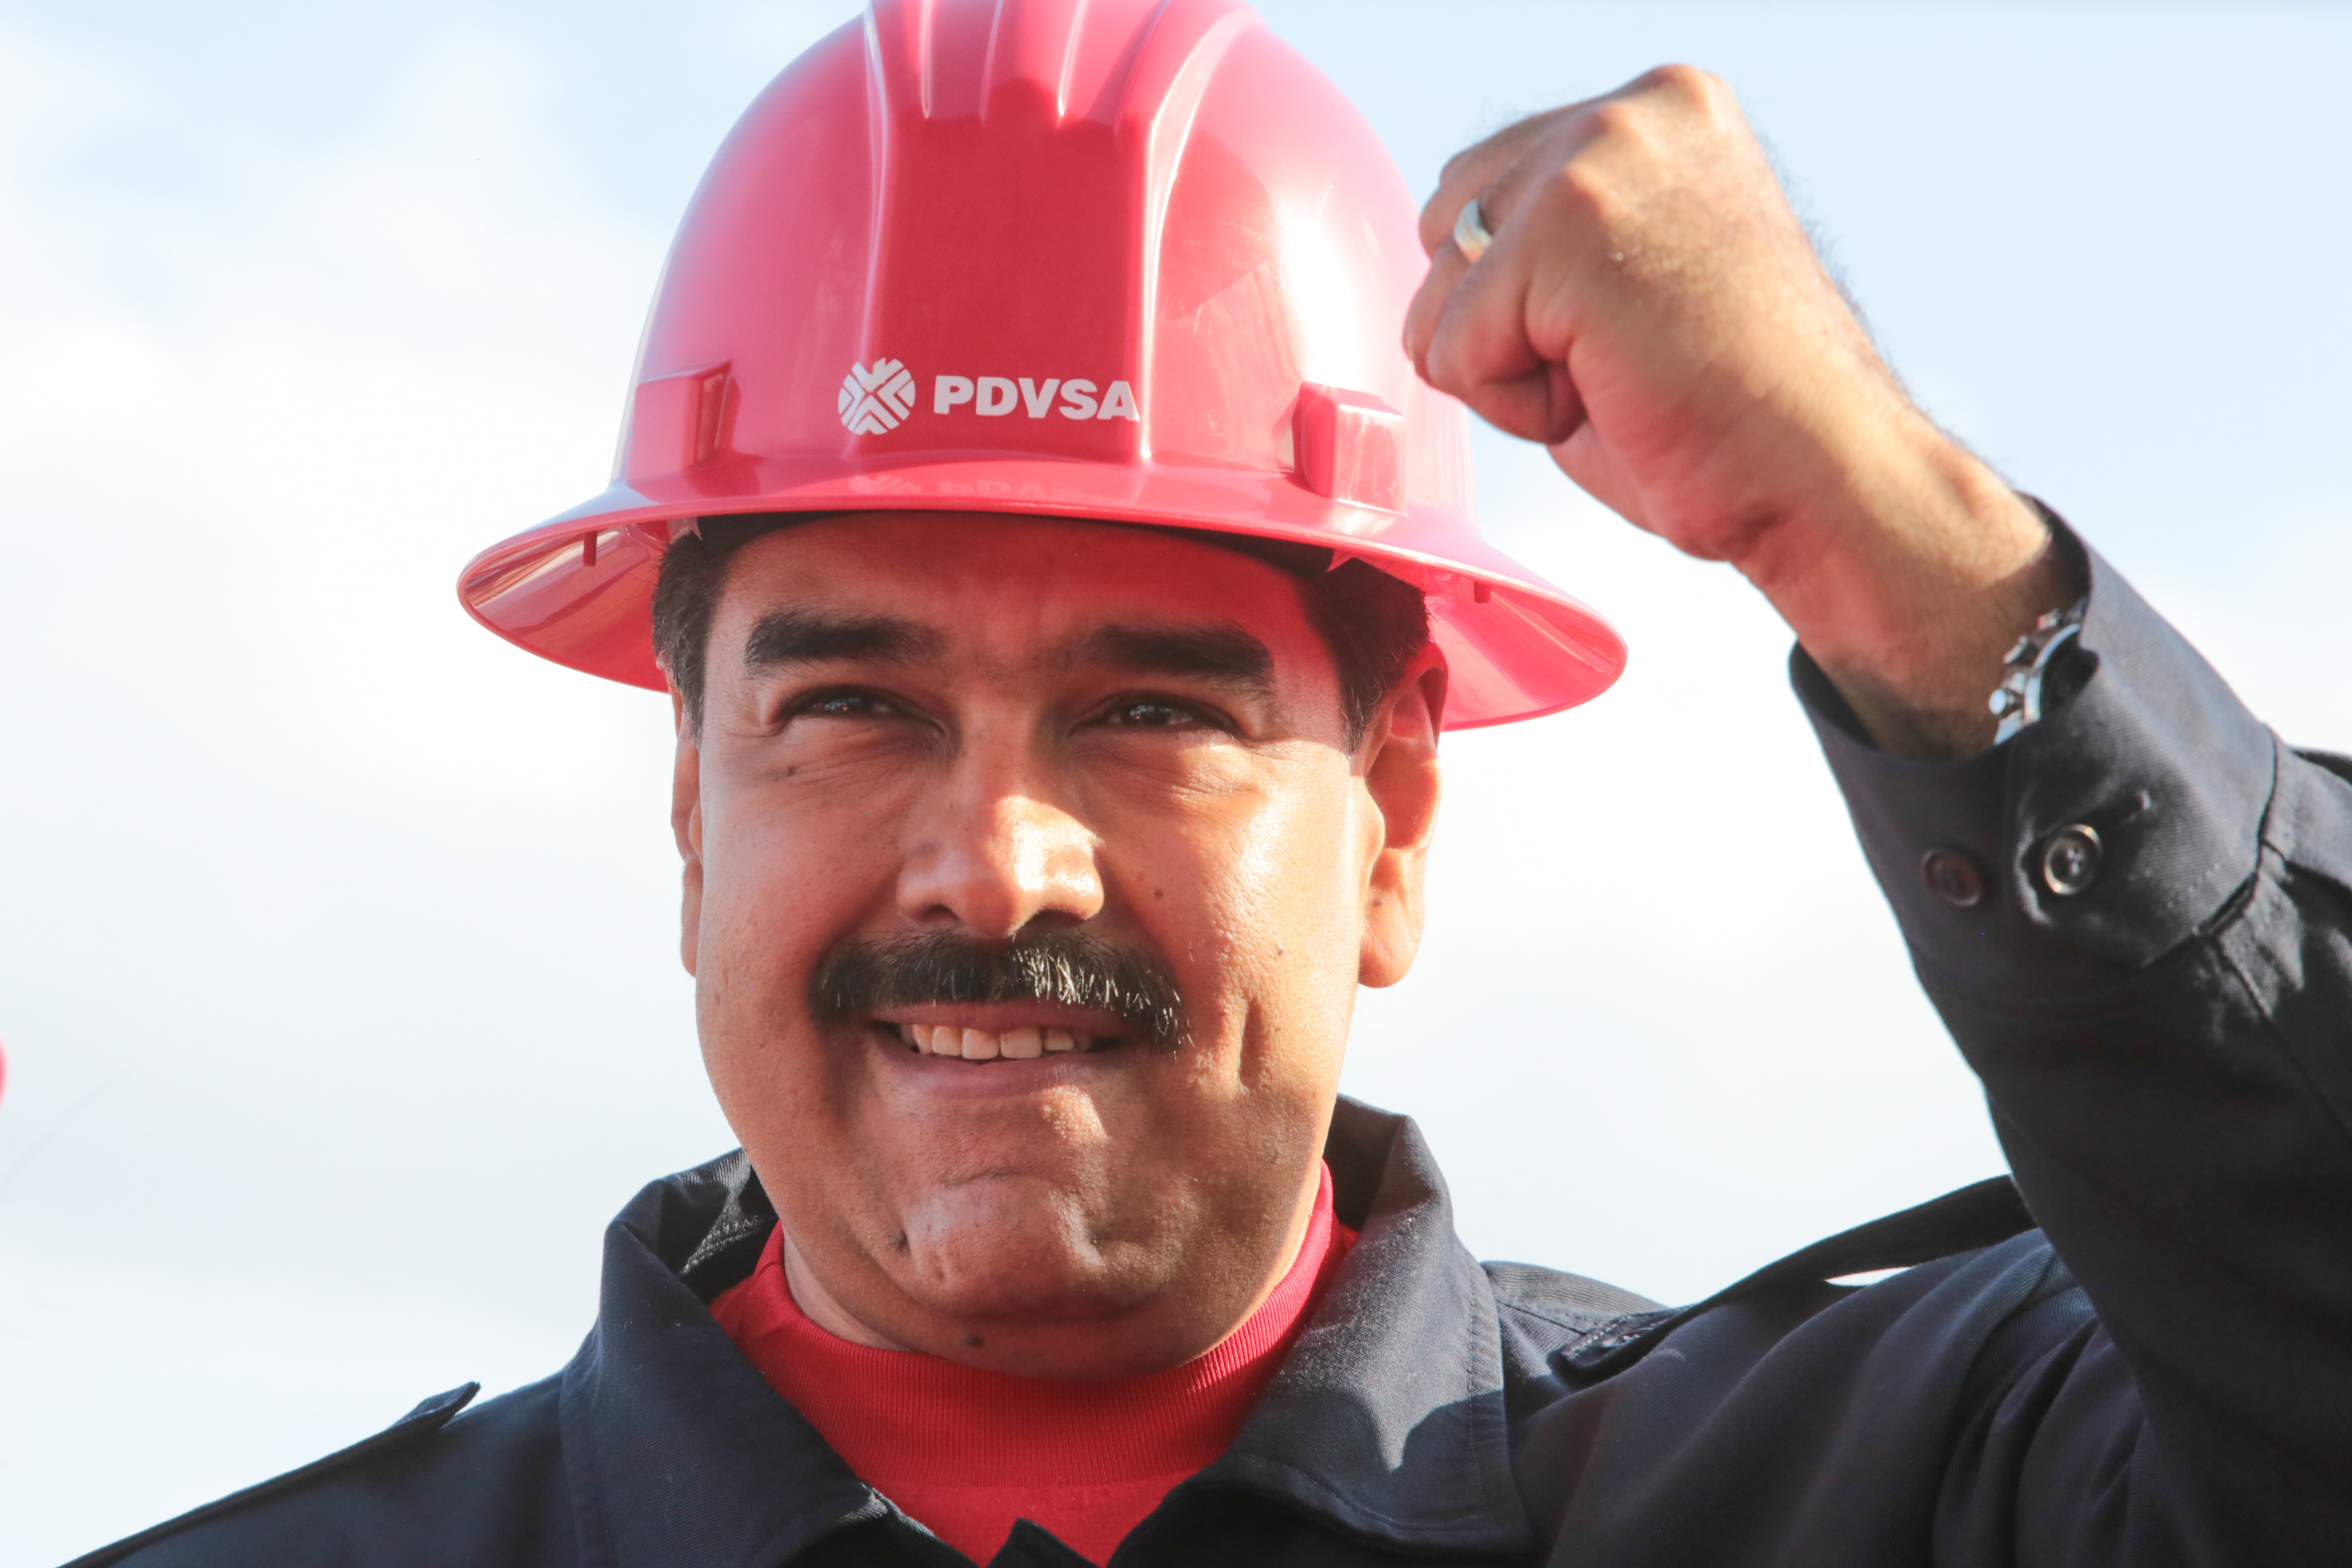 La situación en Venezuela puede gatillar una intervención militar y un escenario de crisis latinoamericana